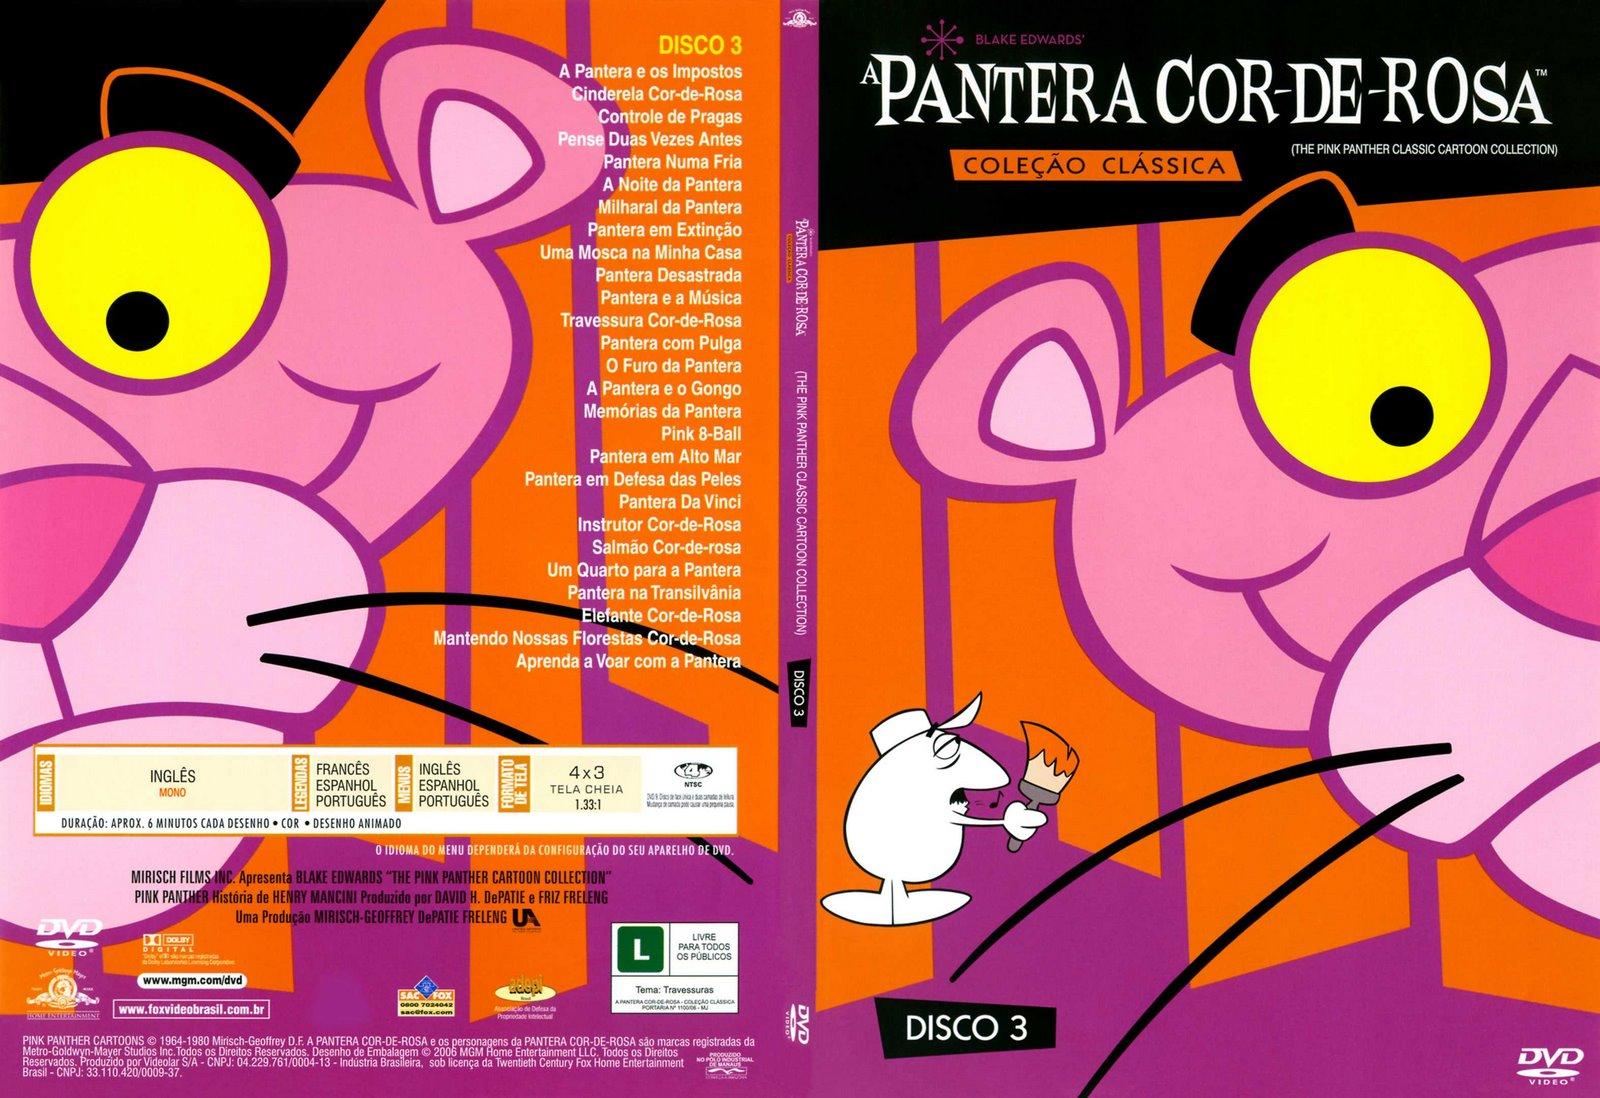 Capas Filmes Animacao A Pantera Cor De Rosa Disco 3